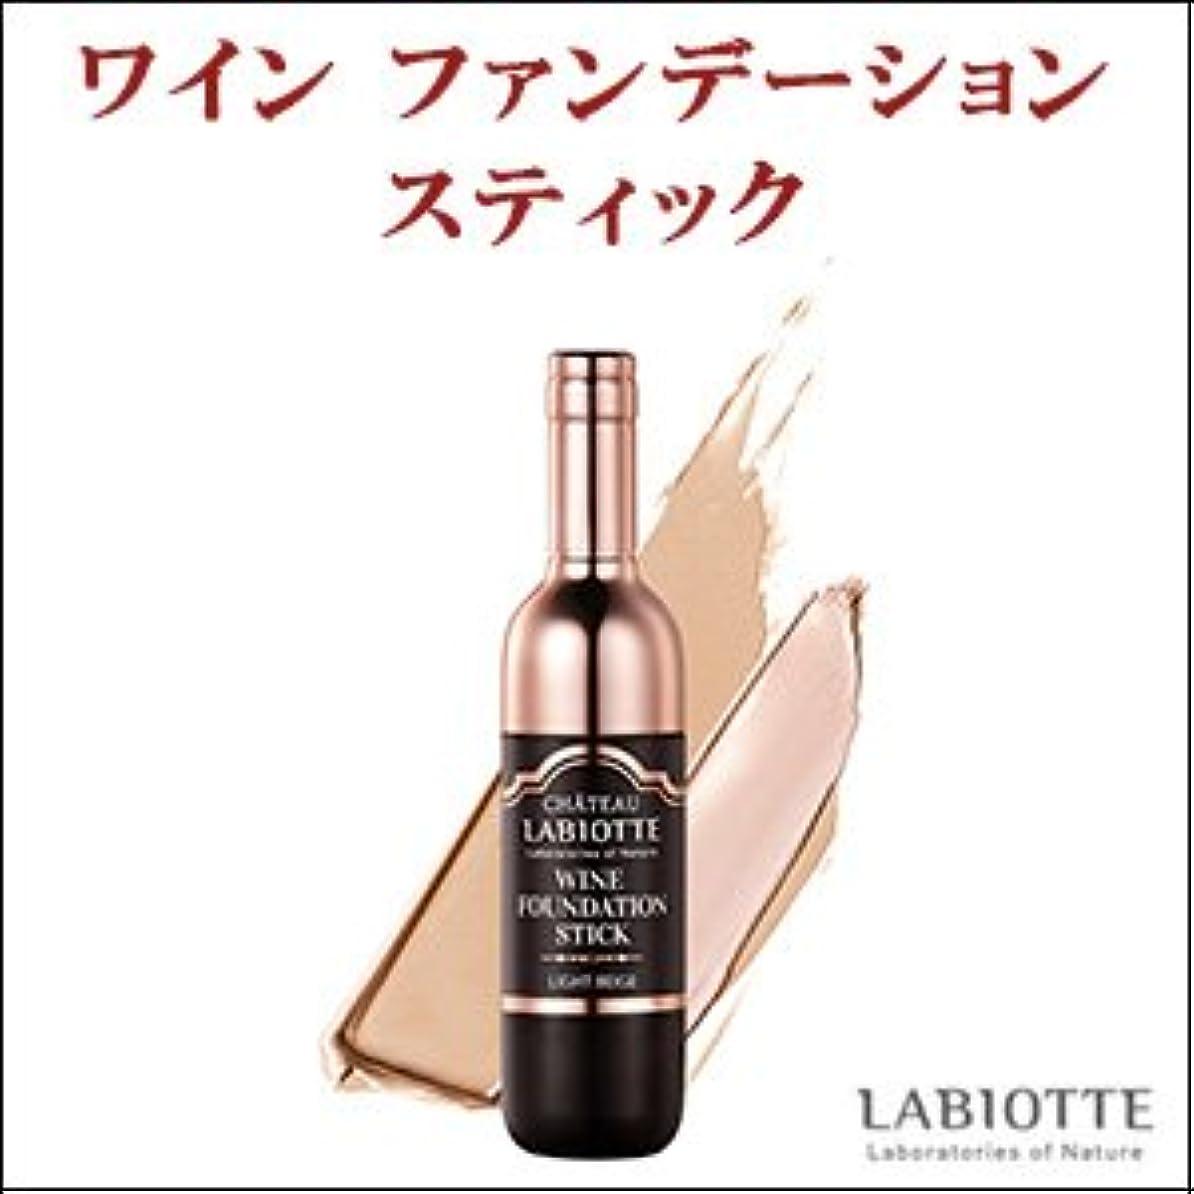 ツール政治的妥協LABIOTTE シャトー ラビオッテ ワイン ファンデーション スティック カラー:P21 ピンクベージュ